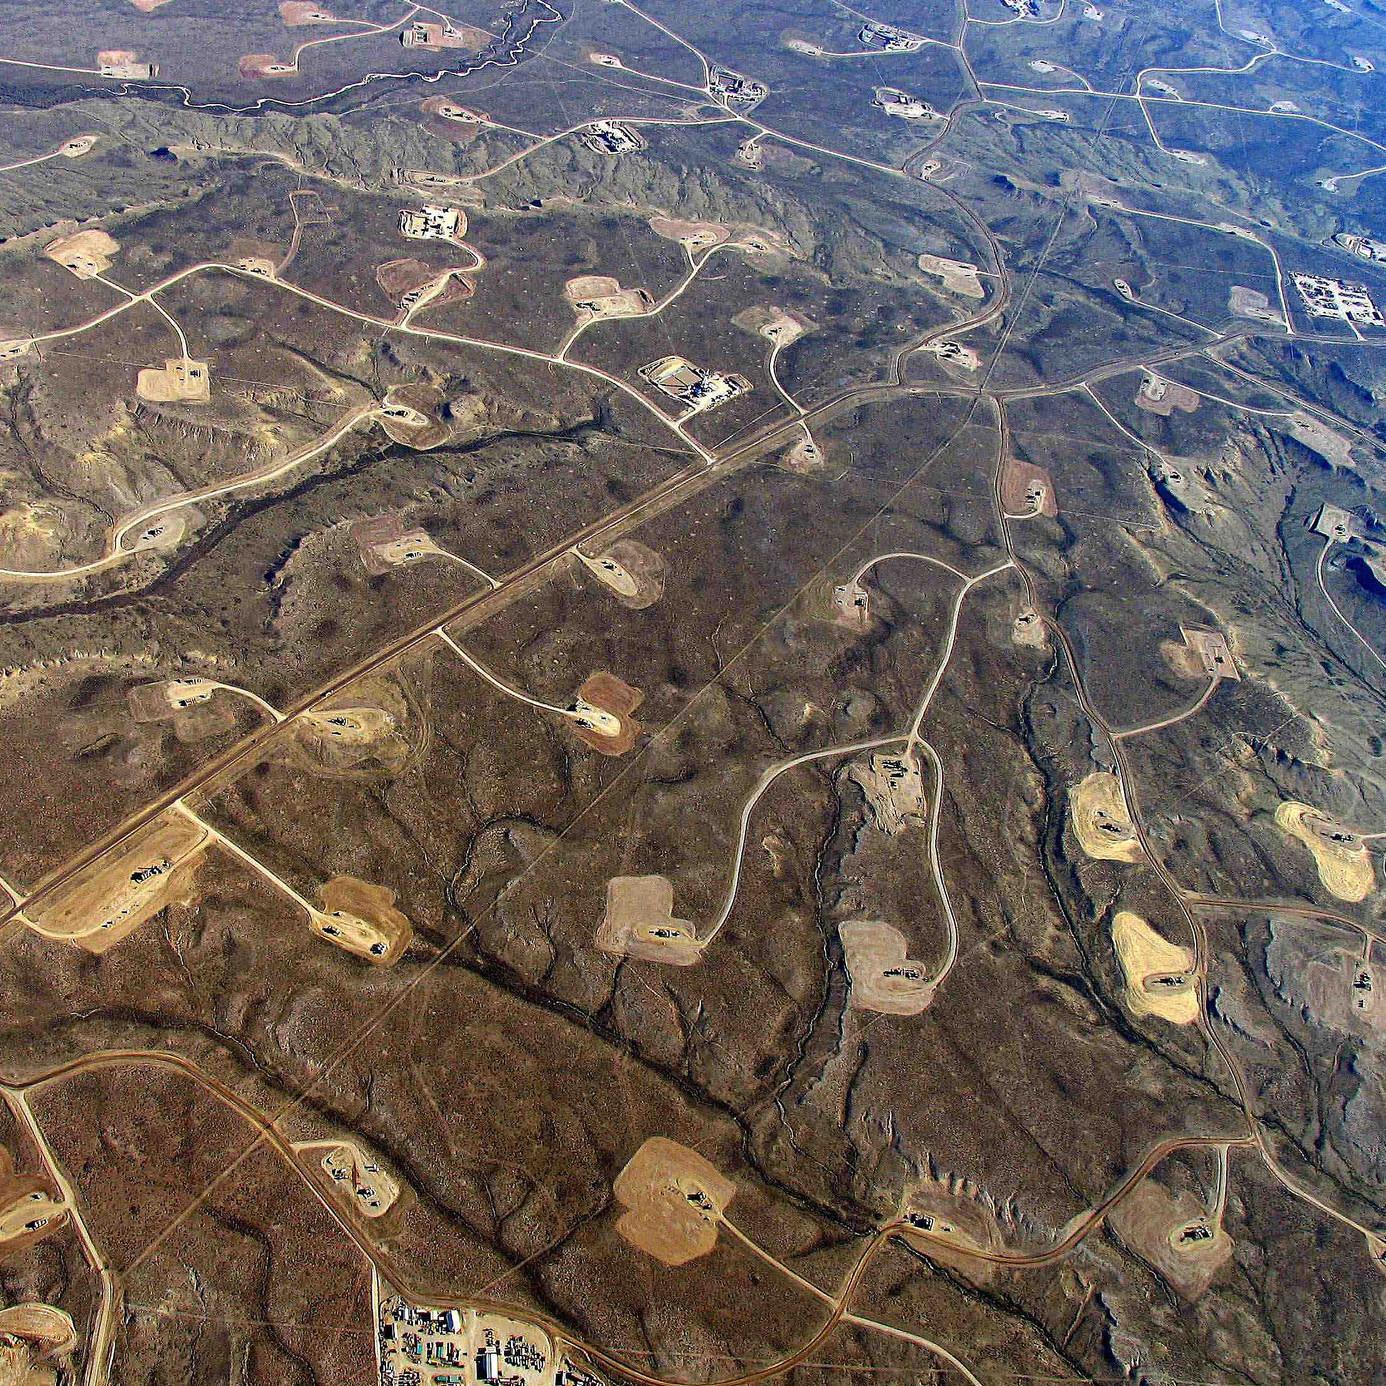 fracking-sfupamr-by2.0.jpg